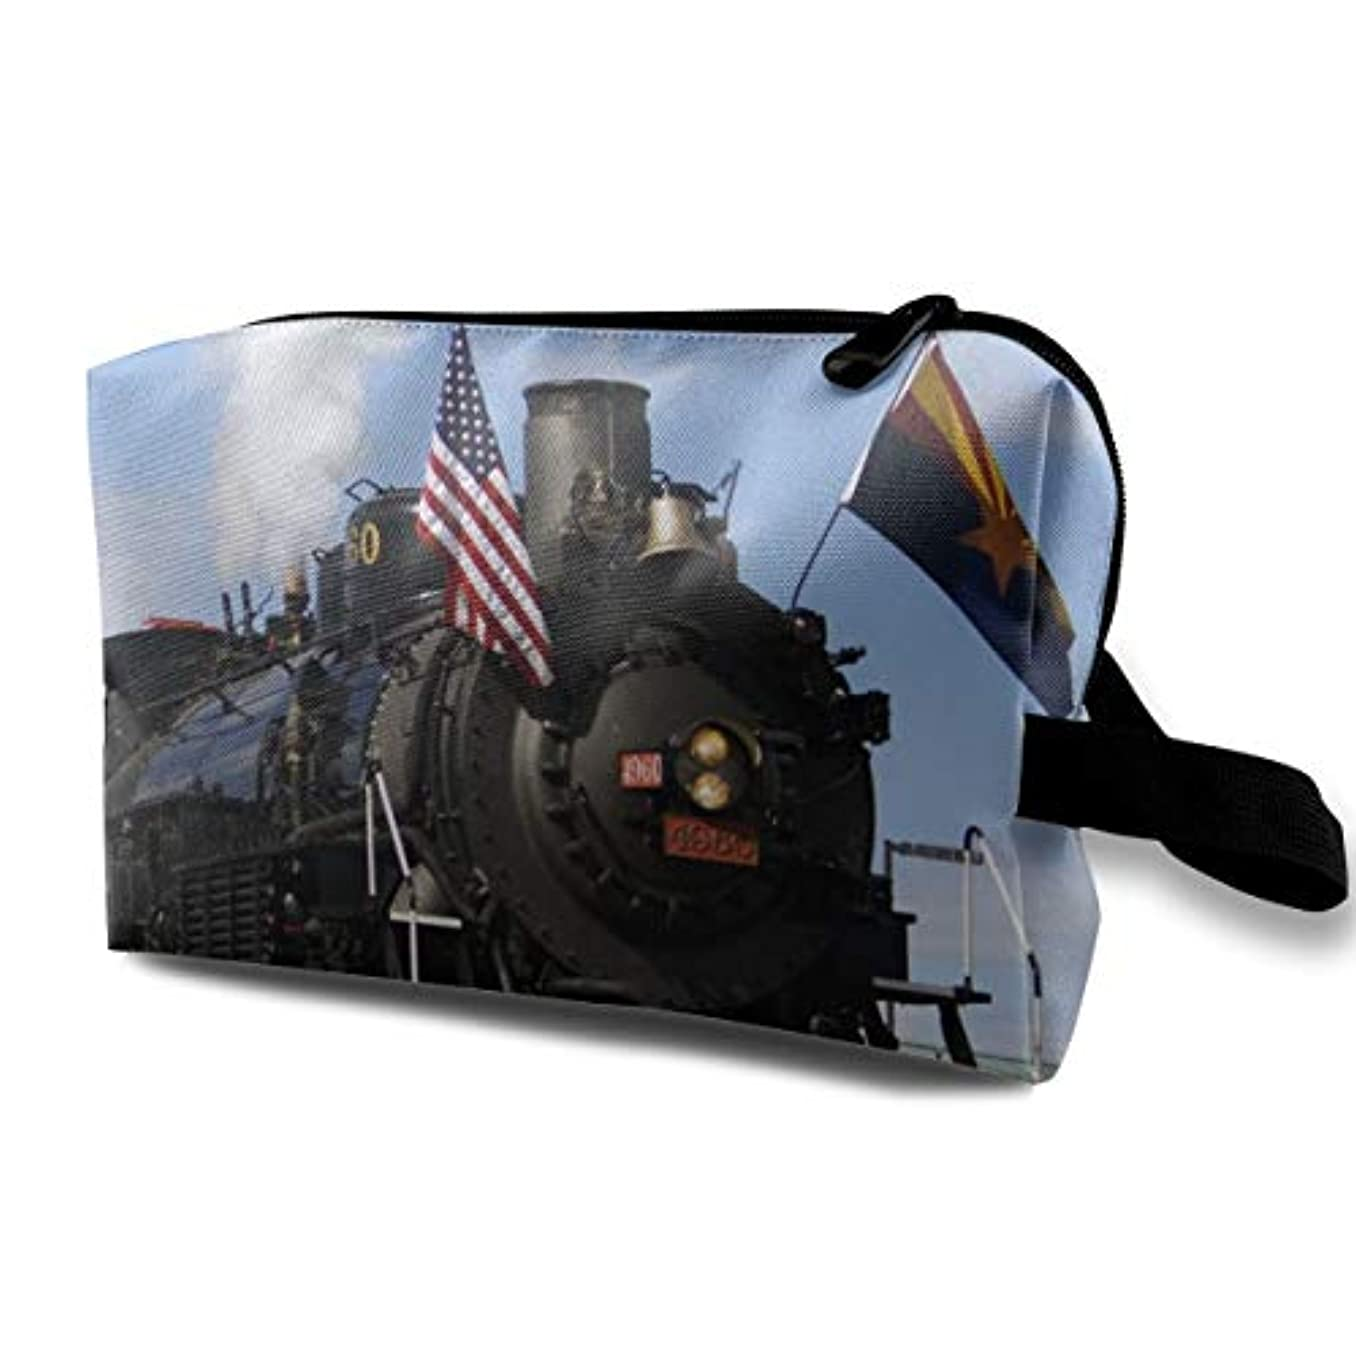 技術的なガウン年次Vehicle Old Steam Train With USA Flag 収納ポーチ 化粧ポーチ 大容量 軽量 耐久性 ハンドル付持ち運び便利。入れ 自宅?出張?旅行?アウトドア撮影などに対応。メンズ レディース トラベルグッズ